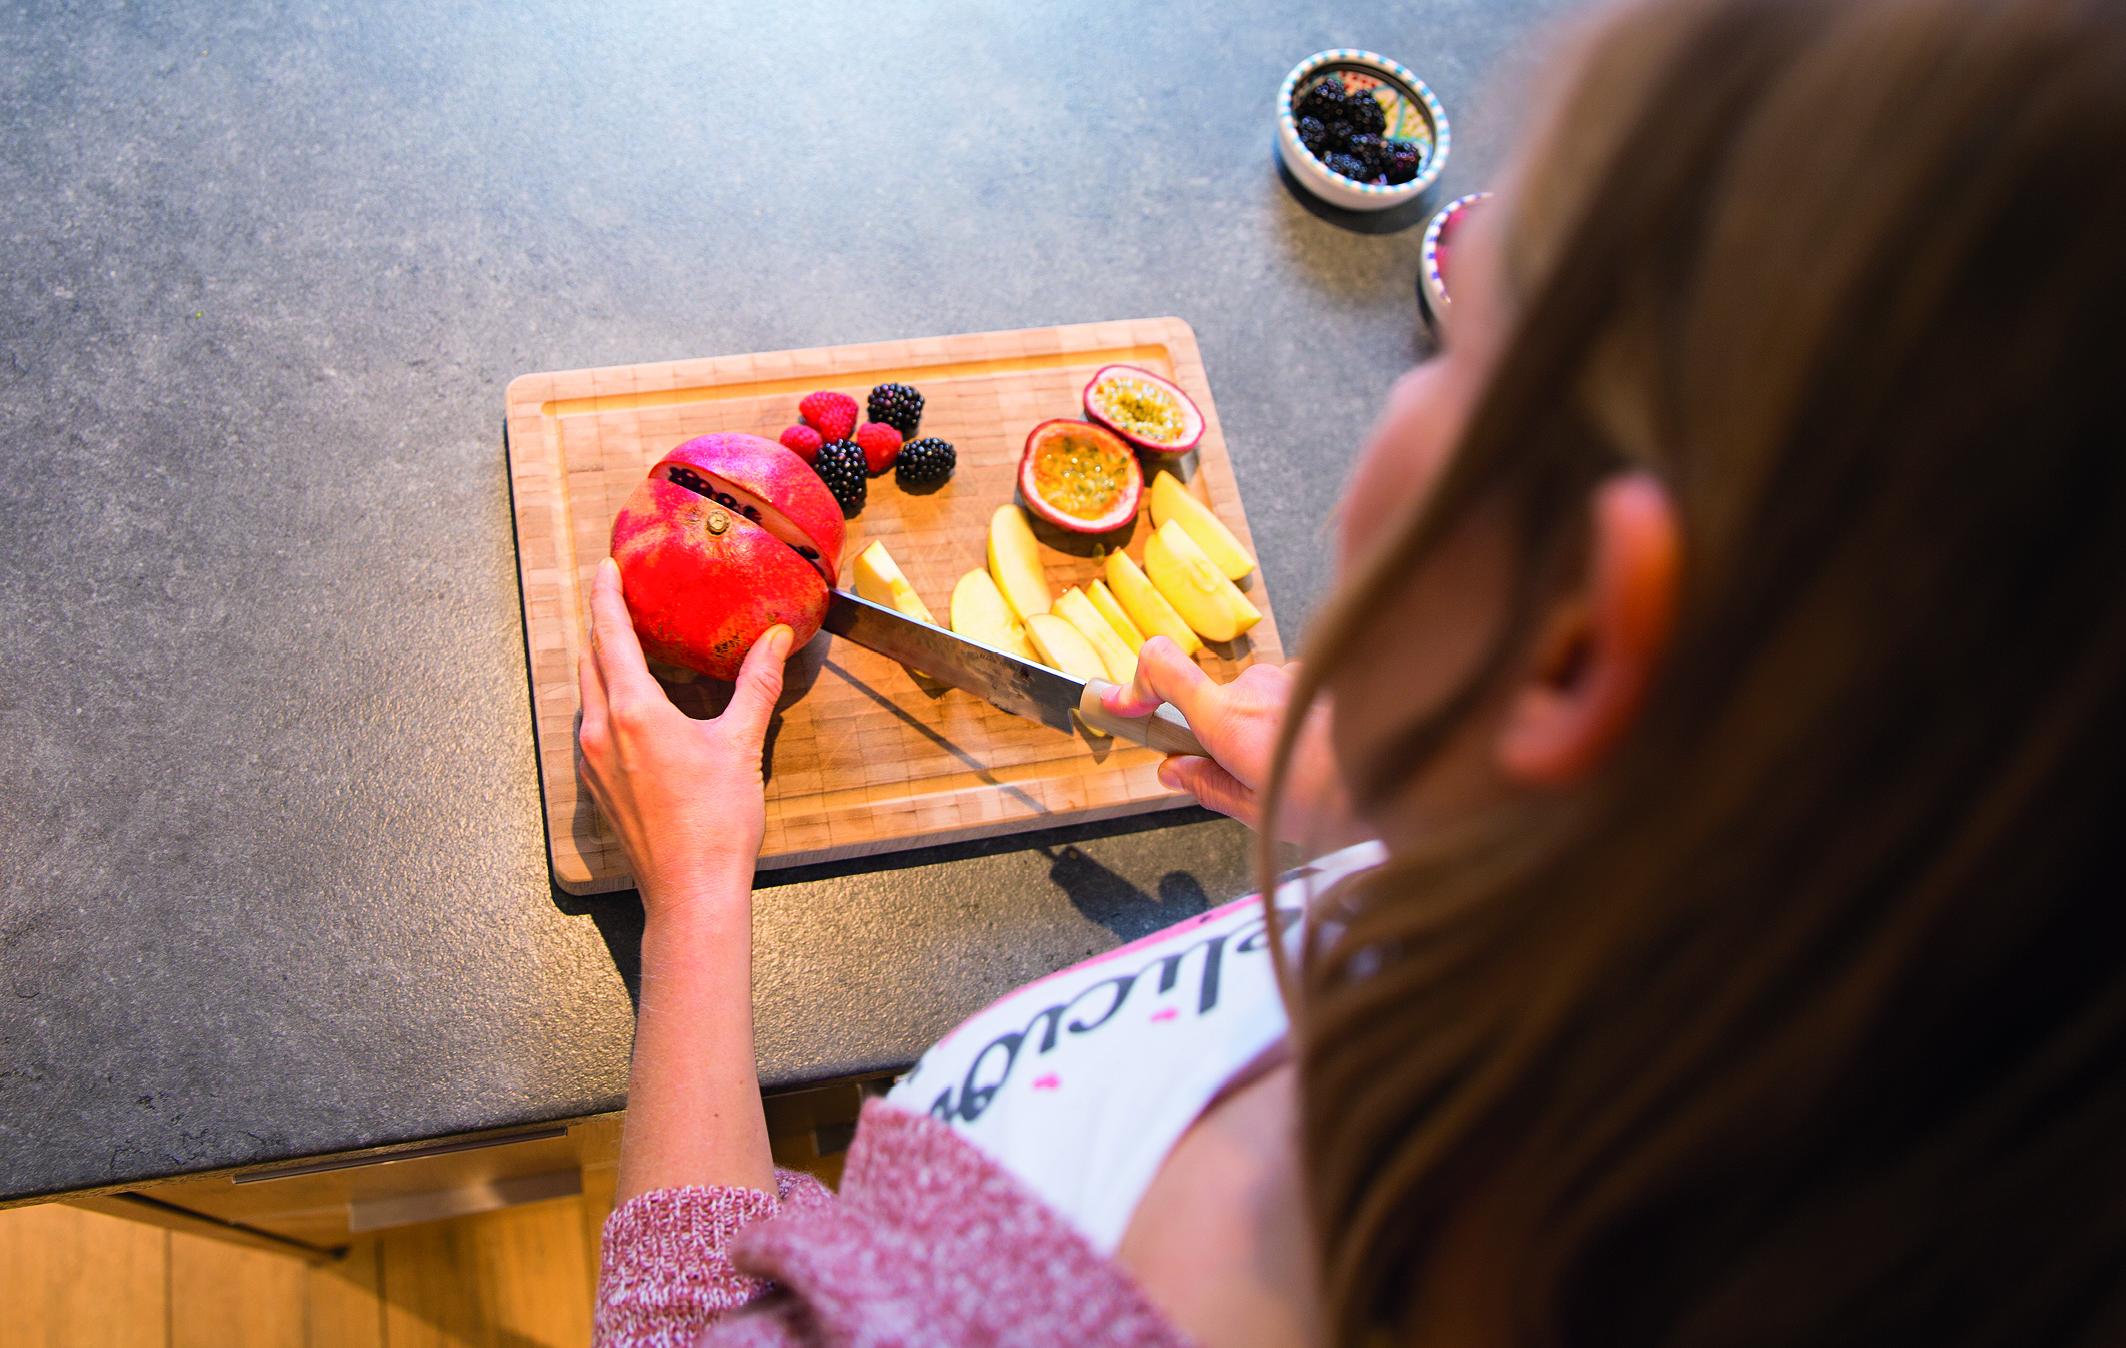 Eine Frau schneidet Obst auf einem Brett, um der Frühjahrsmüdigkeit entgegenzuwirken